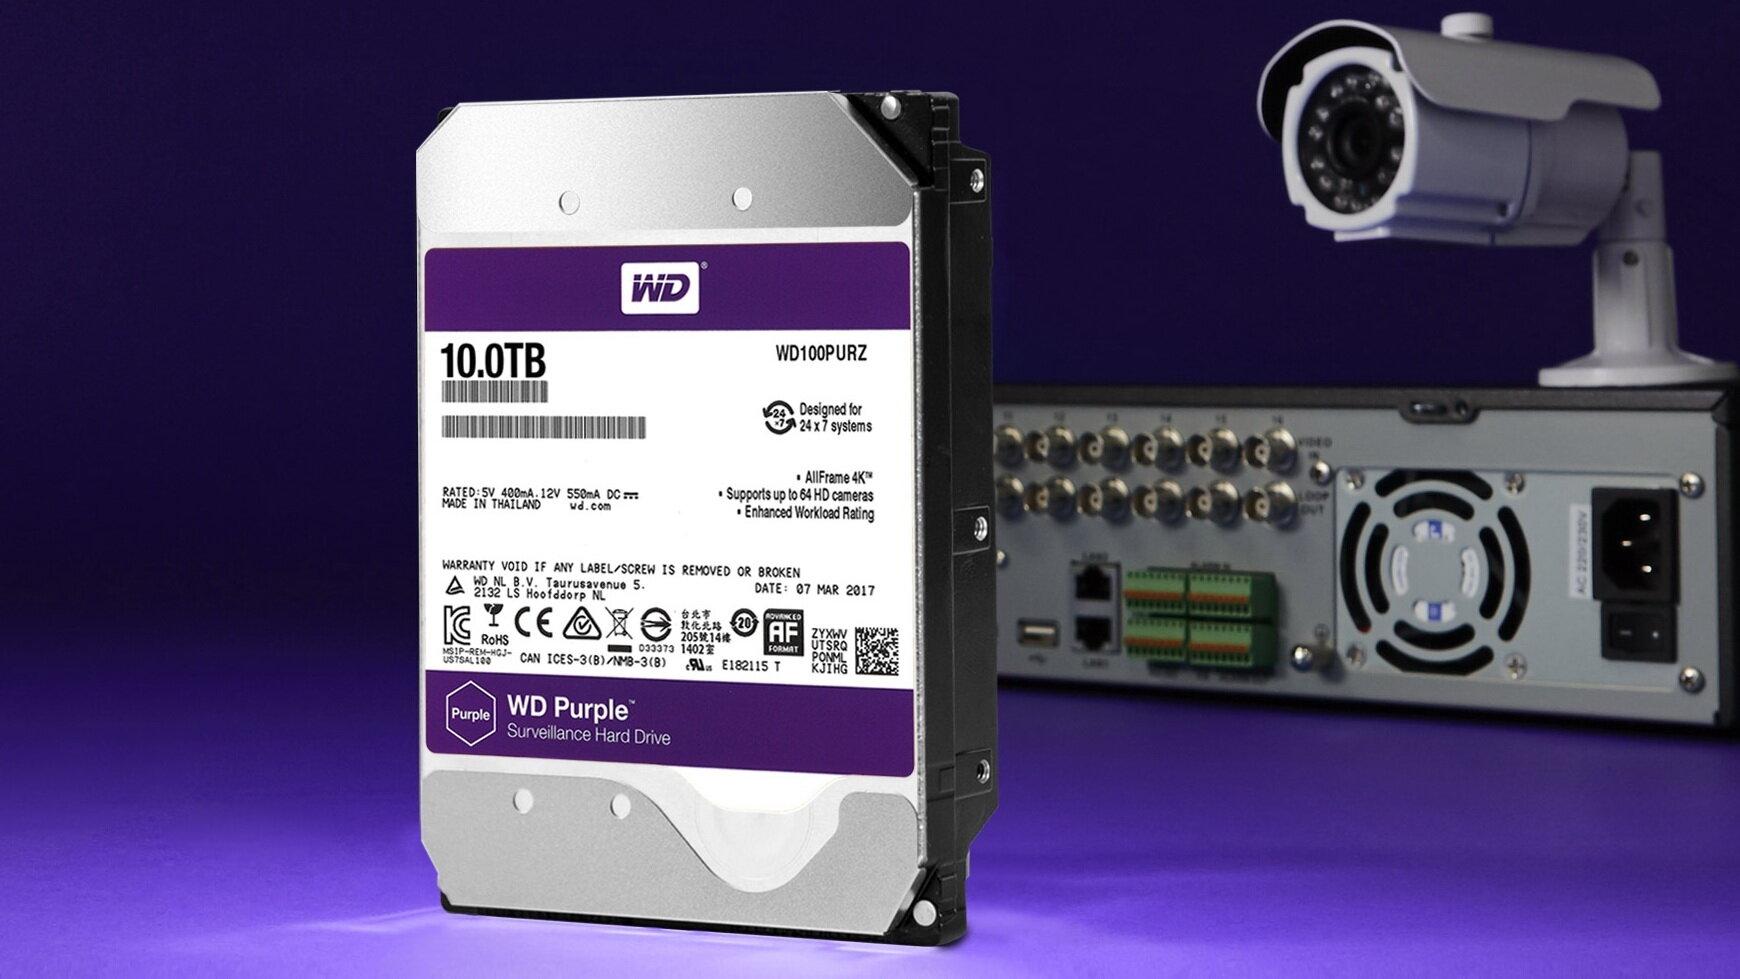 Đánh giá về hiệu suất ổ cứng WD SSD